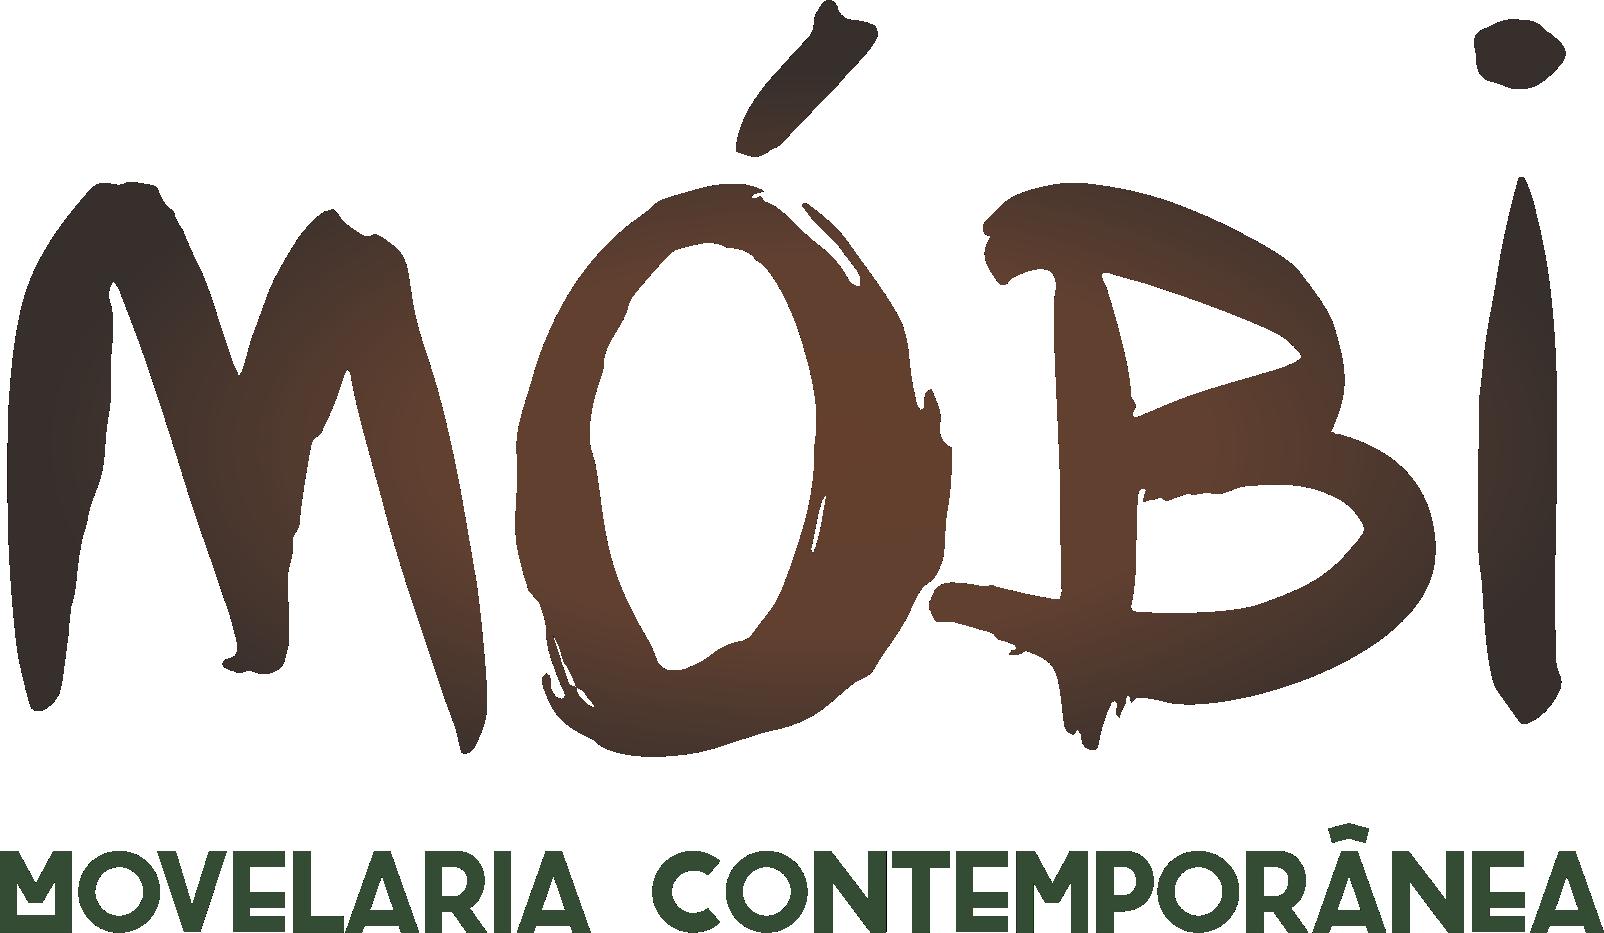 Mobi Movelaria Contemporânea